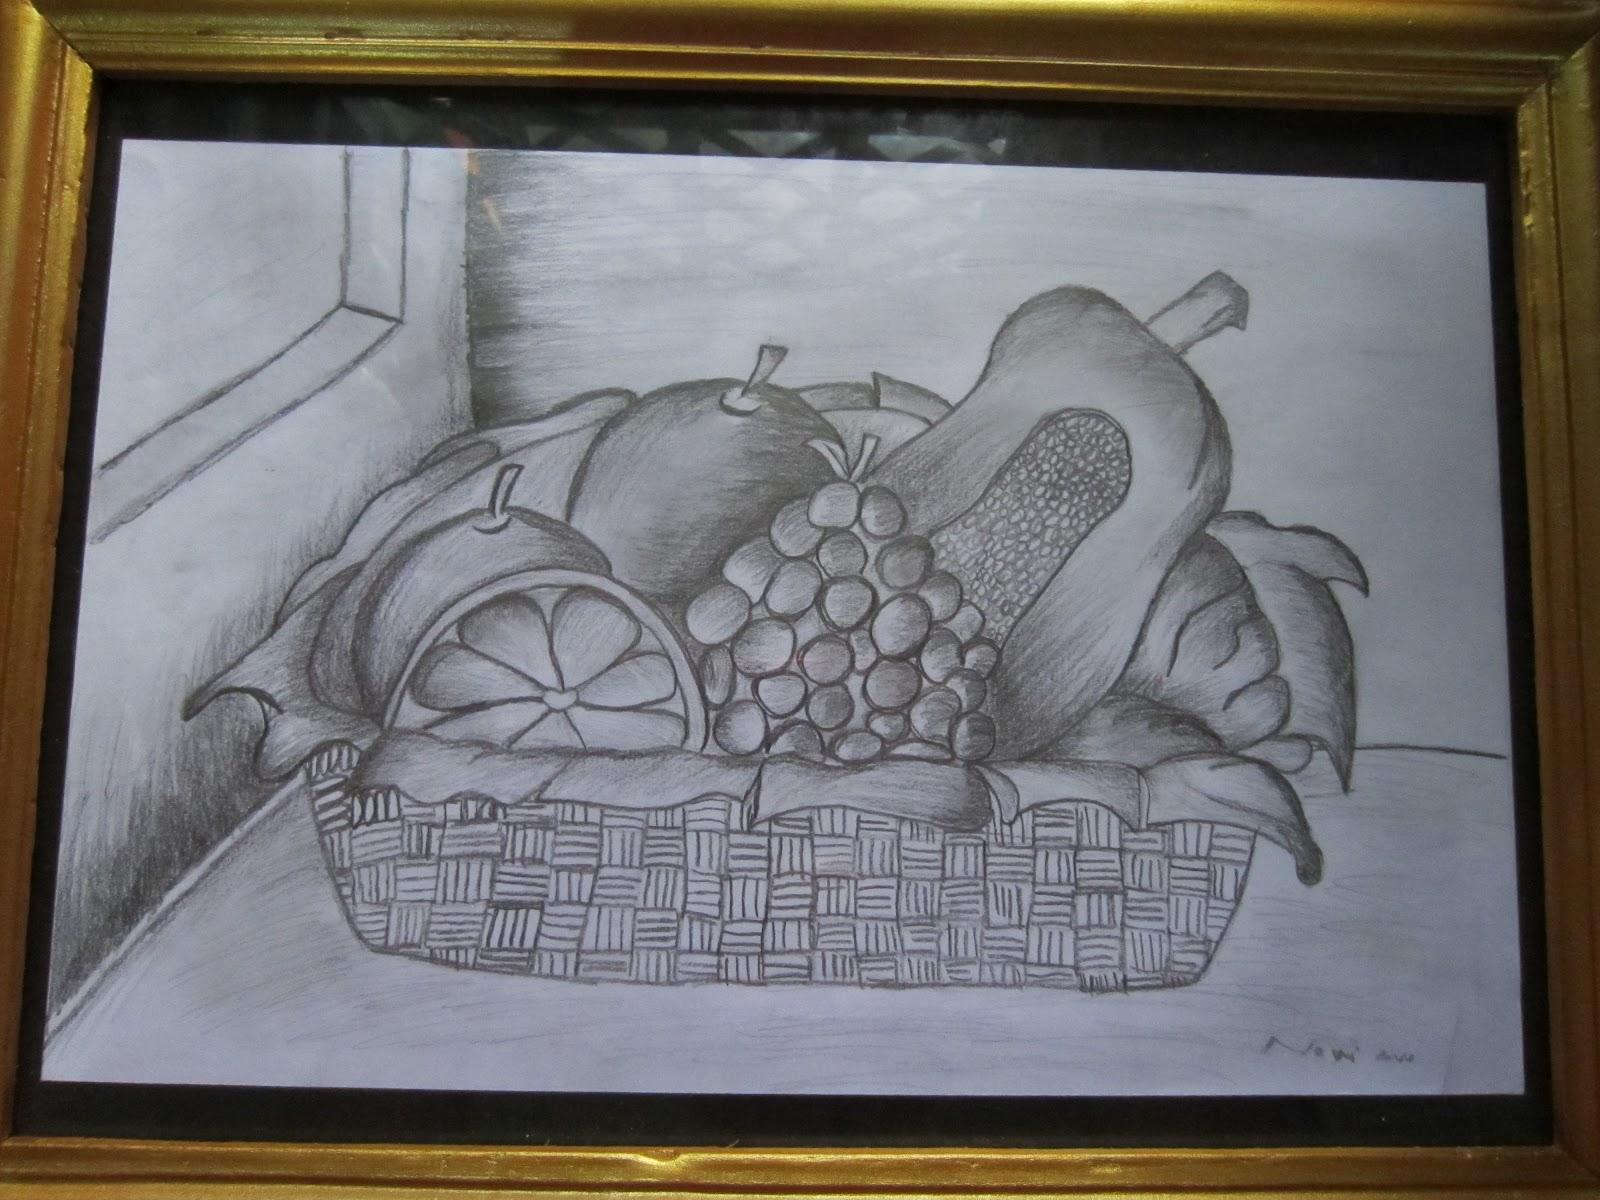 Gambar 1. Lukisan Arsiran Bentuk Lukisan Buah Mbok'E